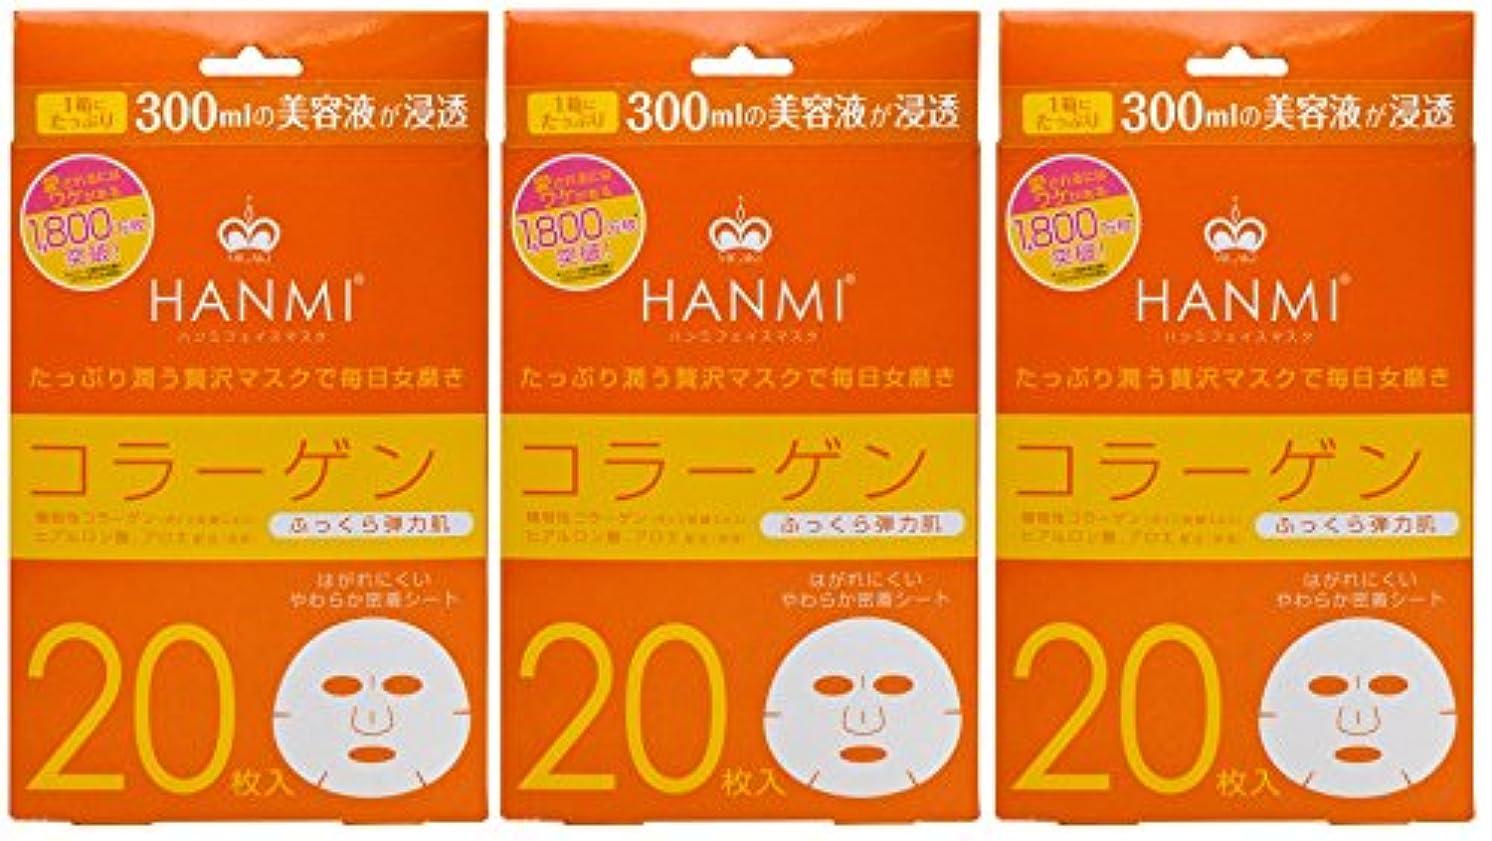 コークス後相反するMIGAKI ハンミフェイスマスク コラーゲン 20枚入×3個セット